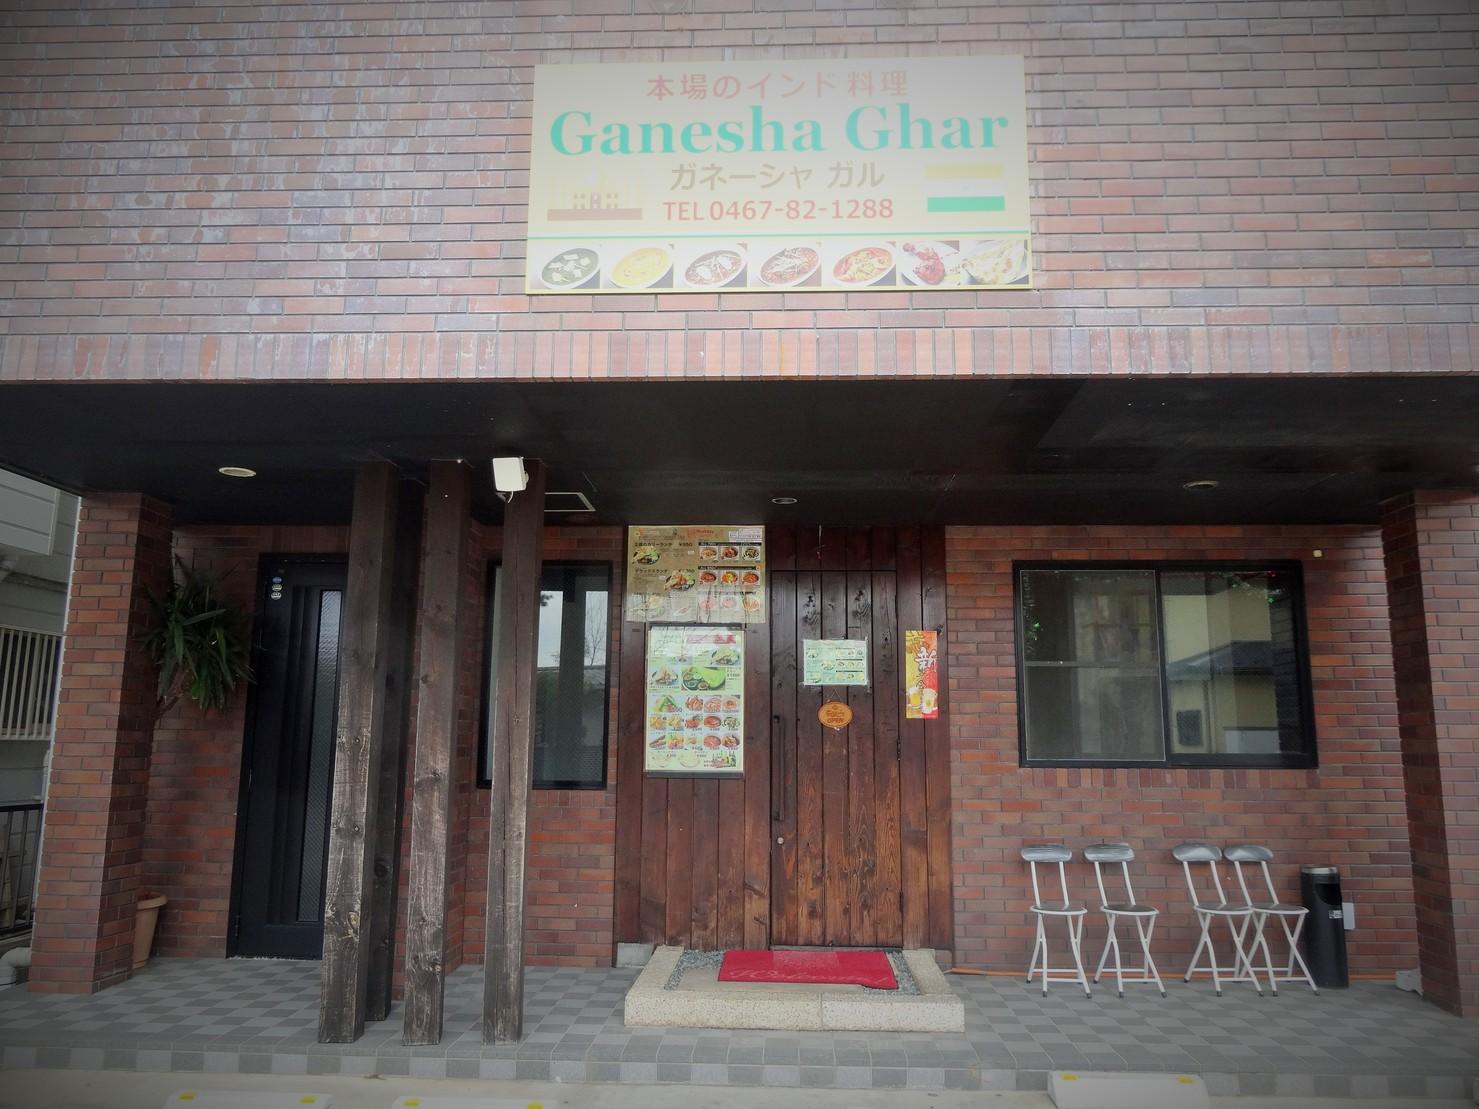 ガネーシャガル 茅ヶ崎店